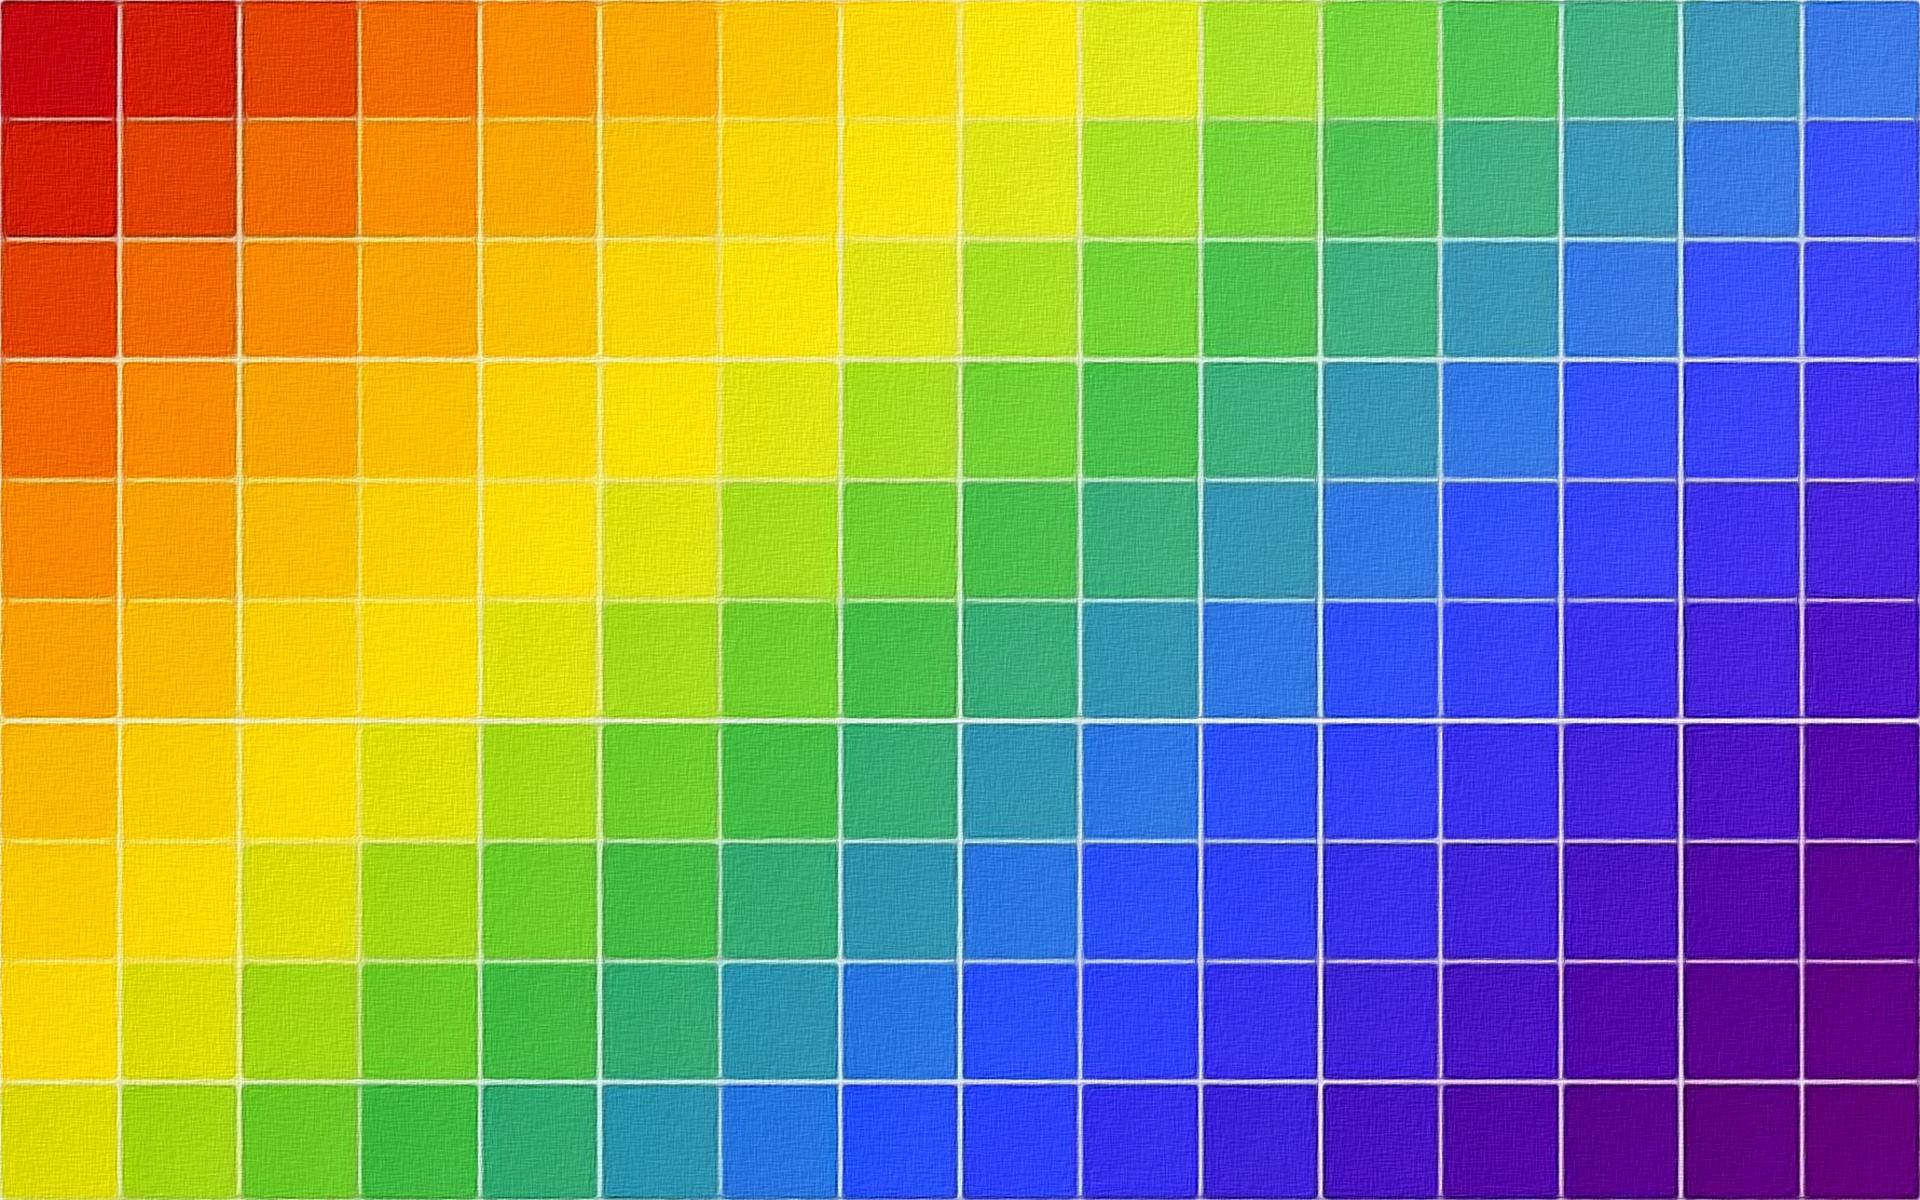 Картинки с квадратами